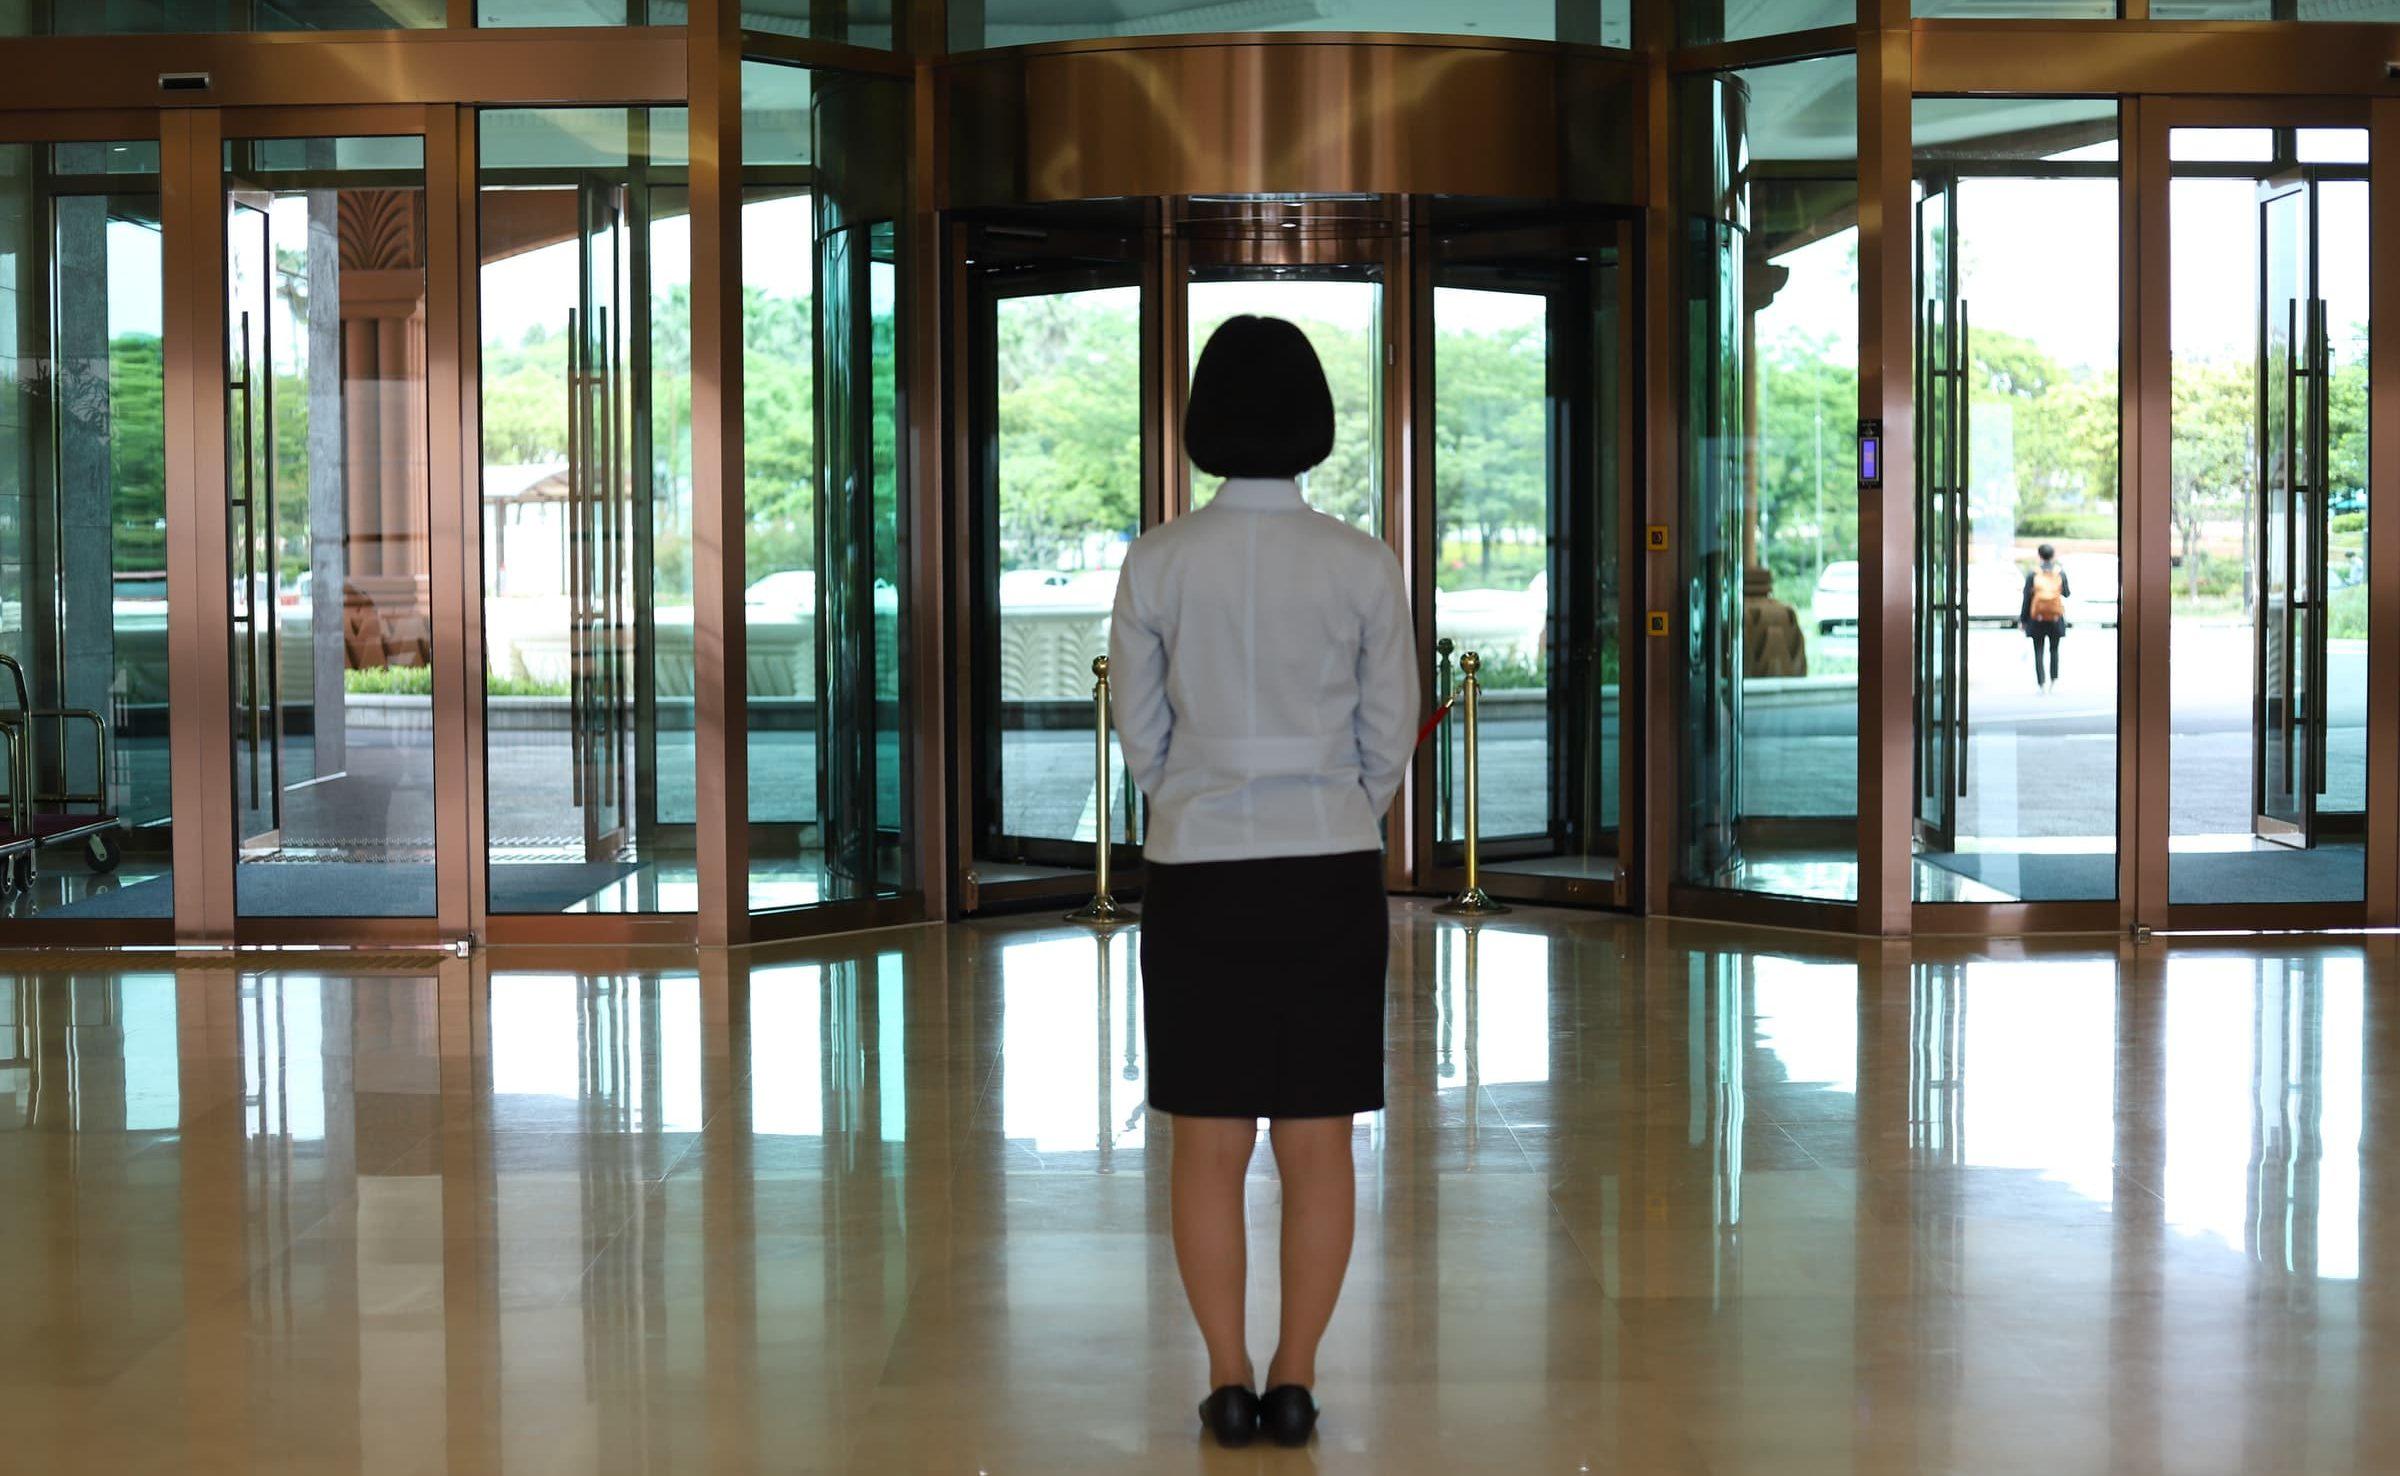 ホテル 女性の後ろ姿